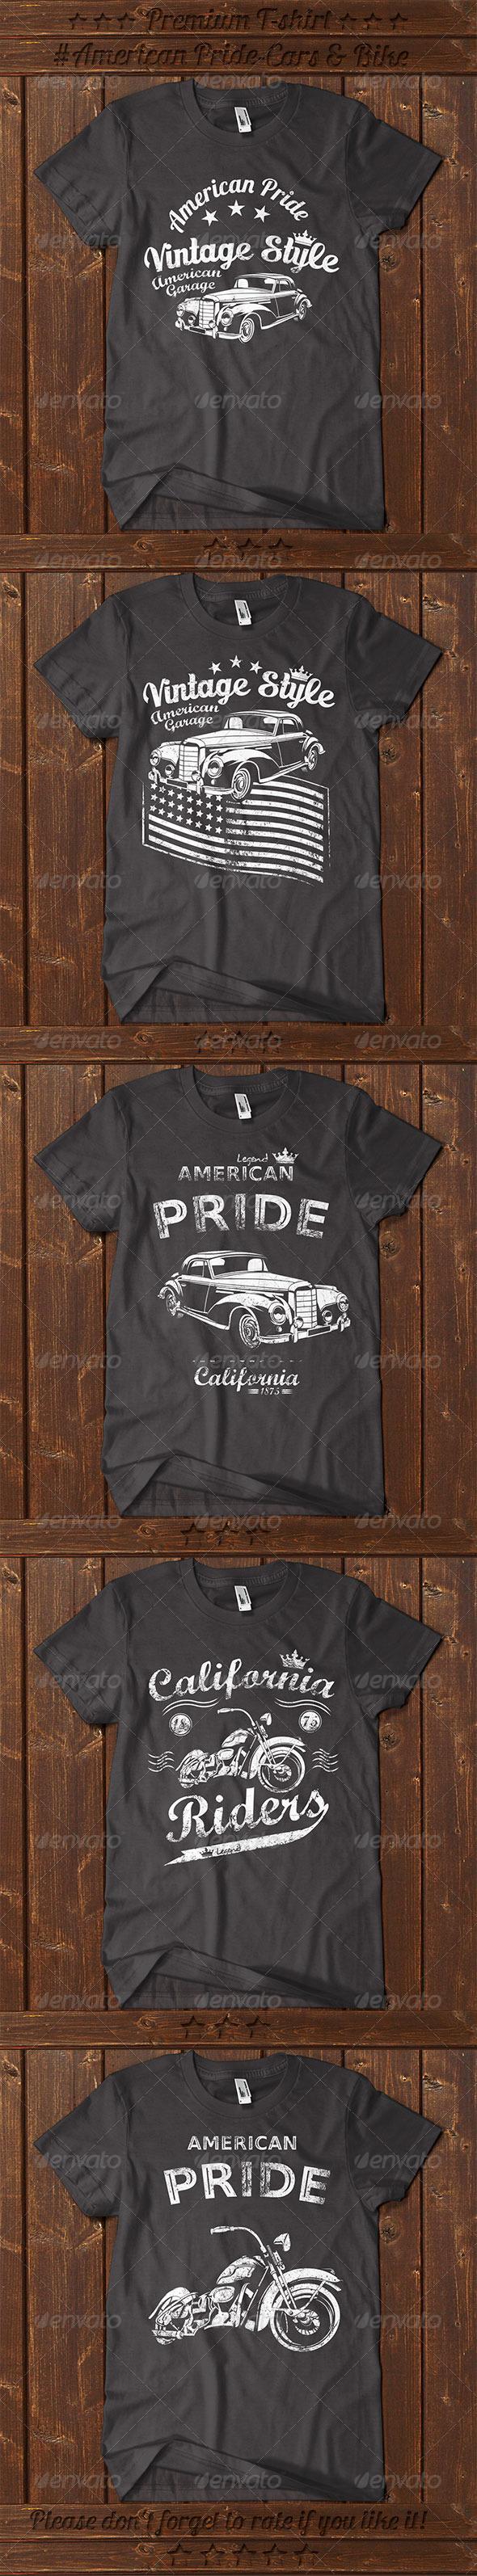 GraphicRiver 5 American Pride T-shirt 7664602